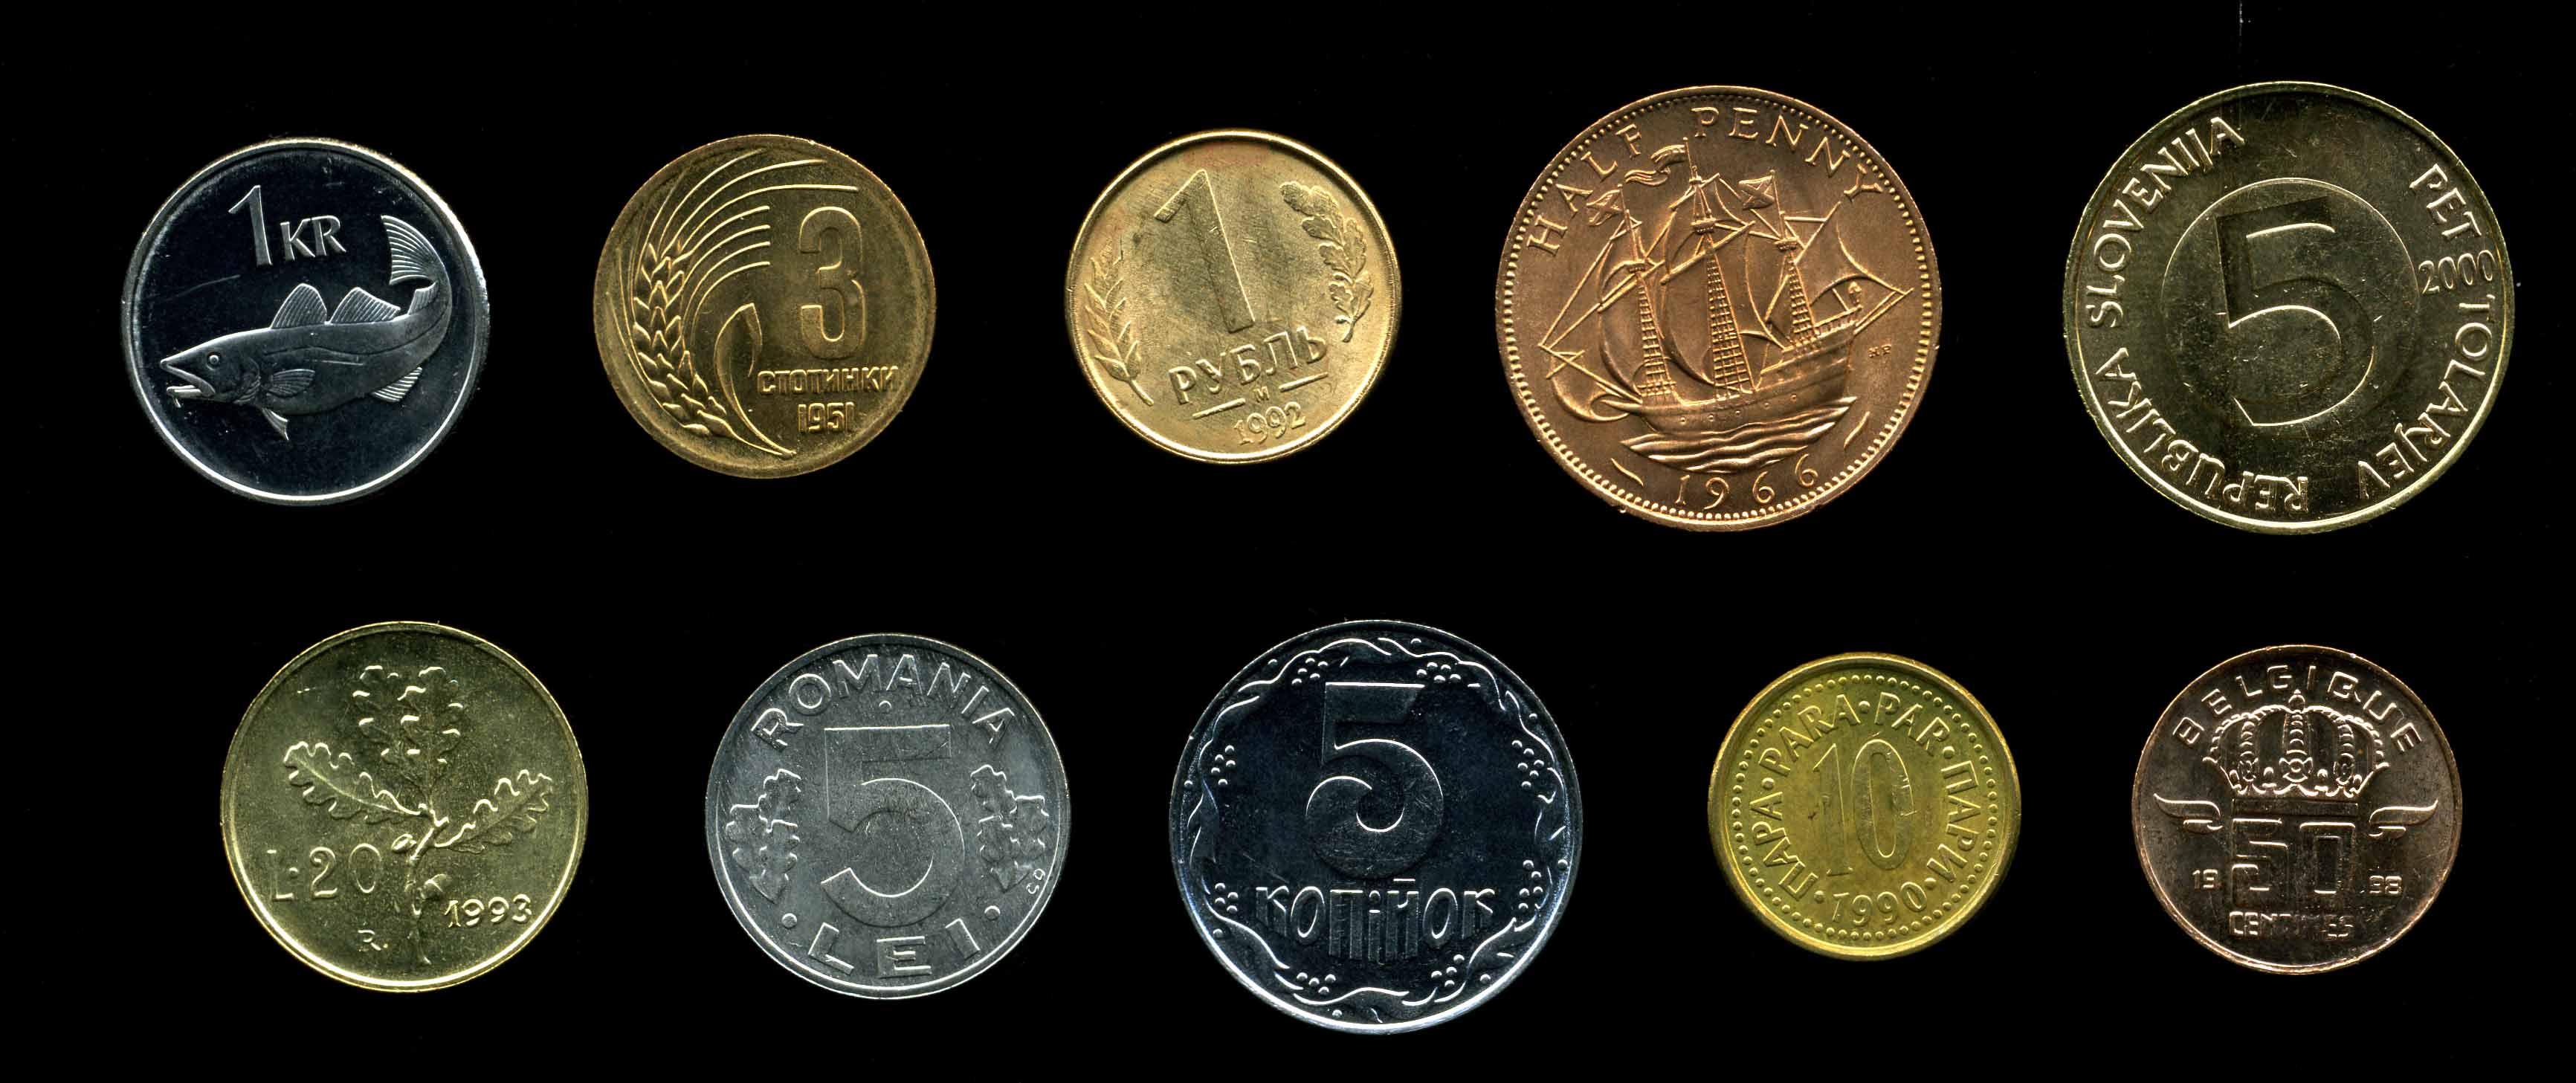 деньги стран мира фото меня, моей супруги